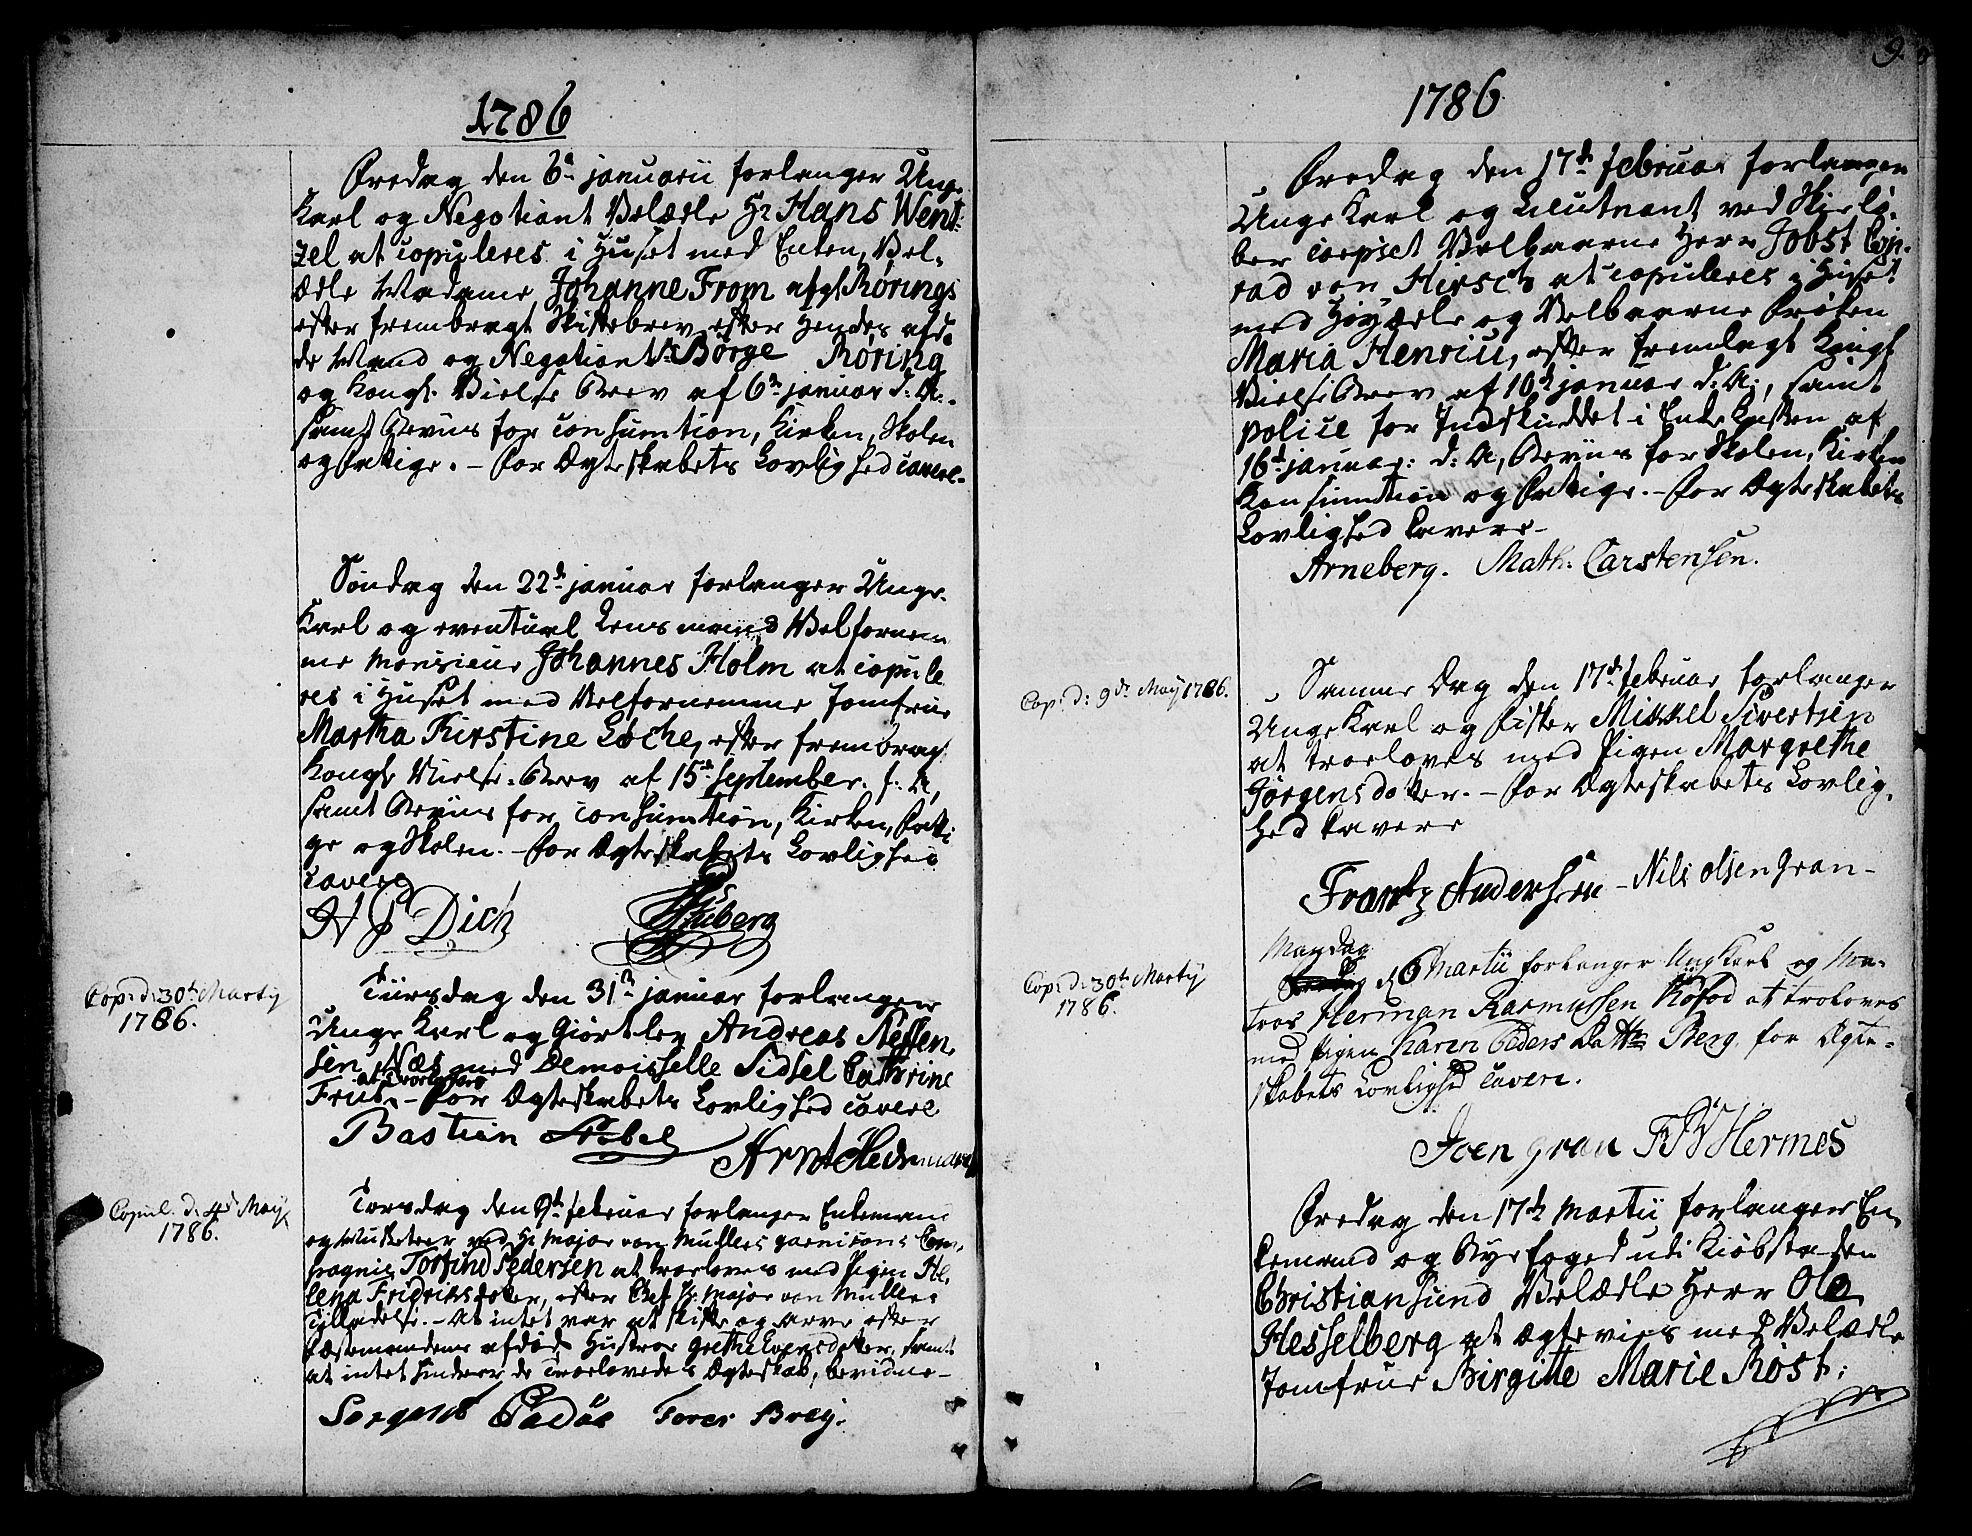 SAT, Ministerialprotokoller, klokkerbøker og fødselsregistre - Sør-Trøndelag, 601/L0041: Ministerialbok nr. 601A09, 1784-1801, s. 9